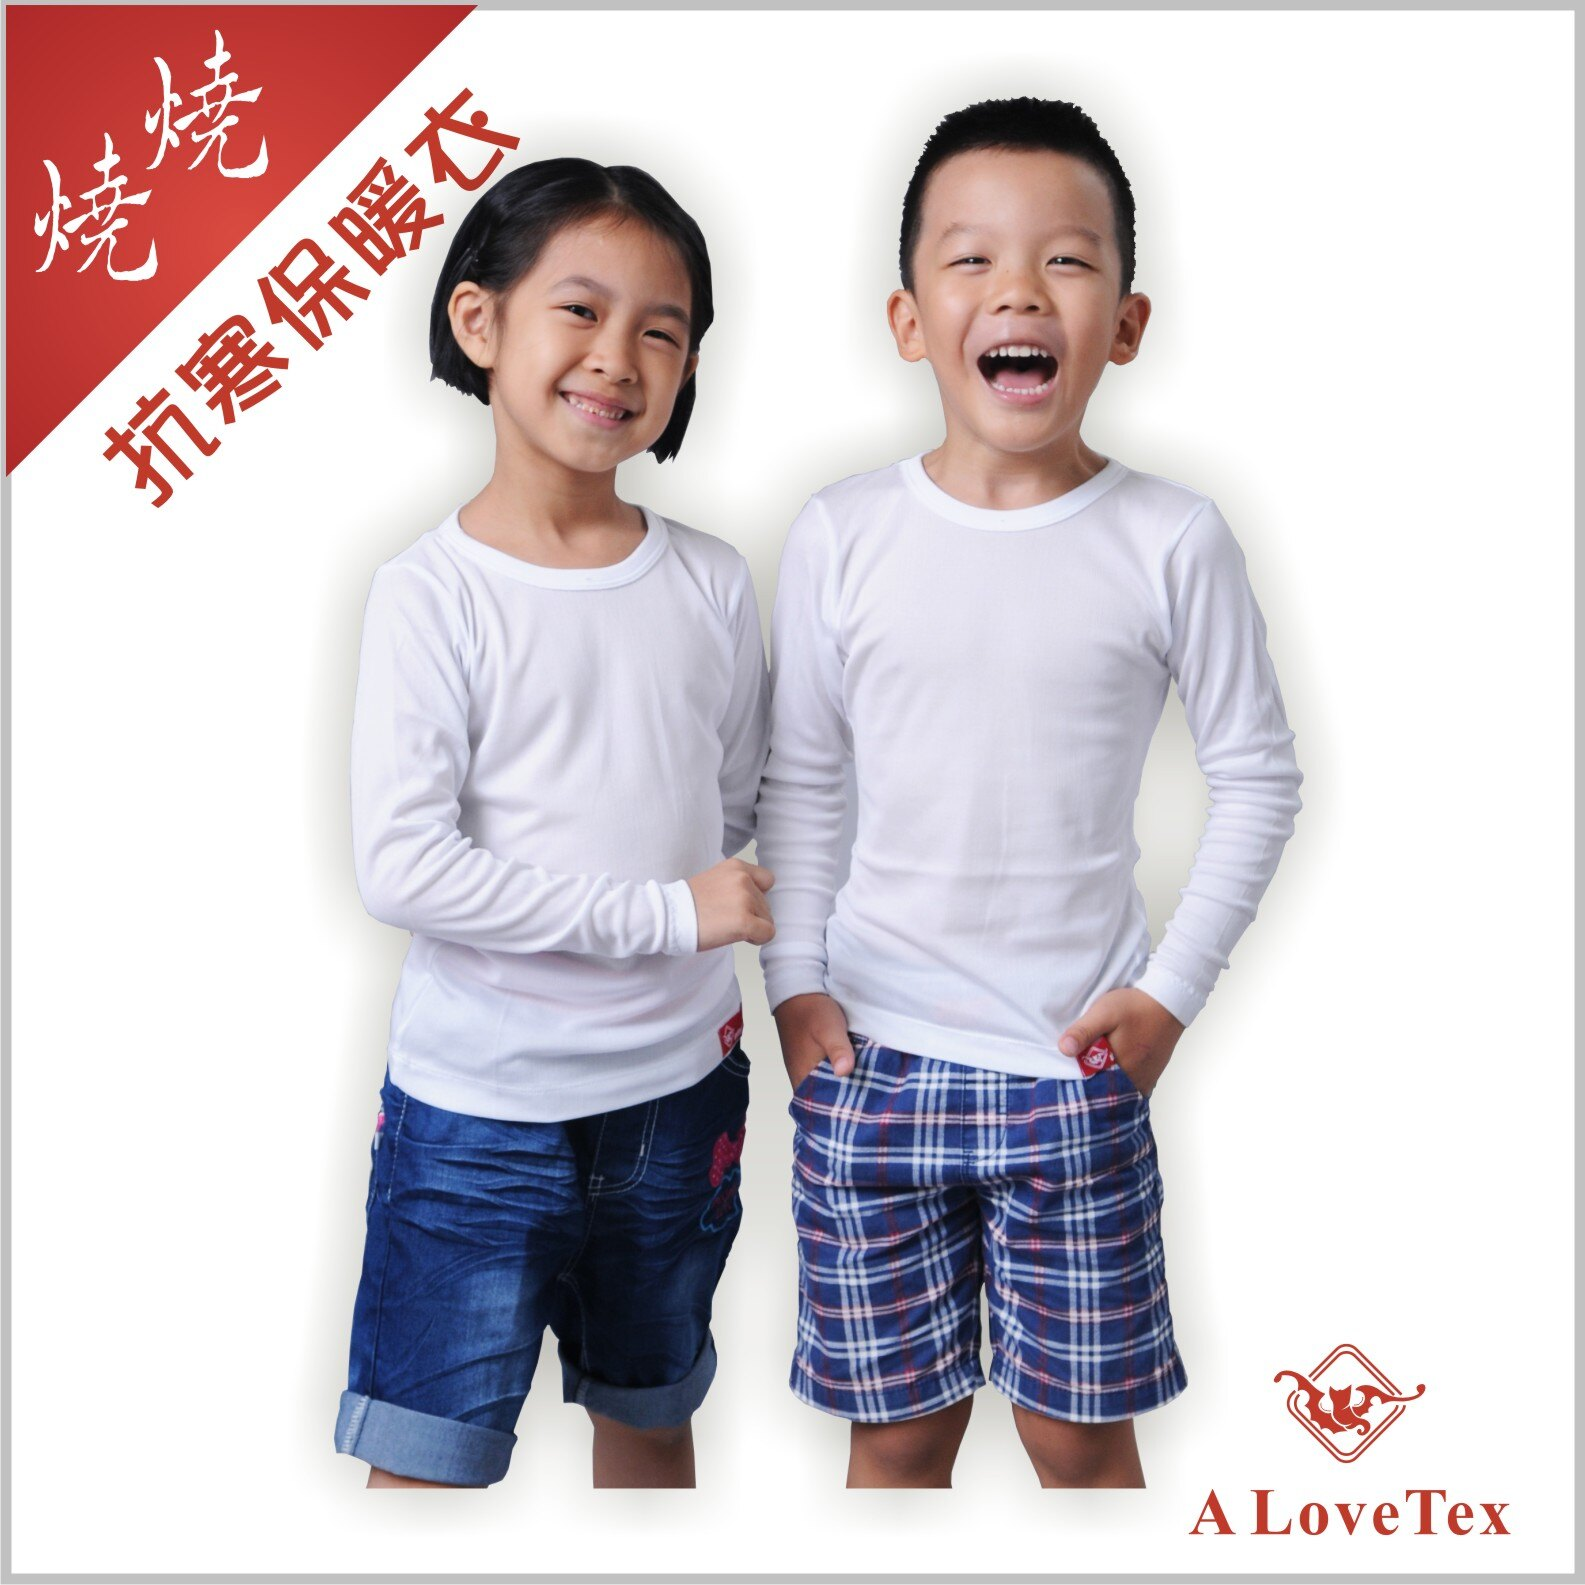 ~樂福織品~兒童 – 白色圓領 – 燒燒抗寒保暖衣 – 輕、薄、暖 – 給您的孩子,溫暖零